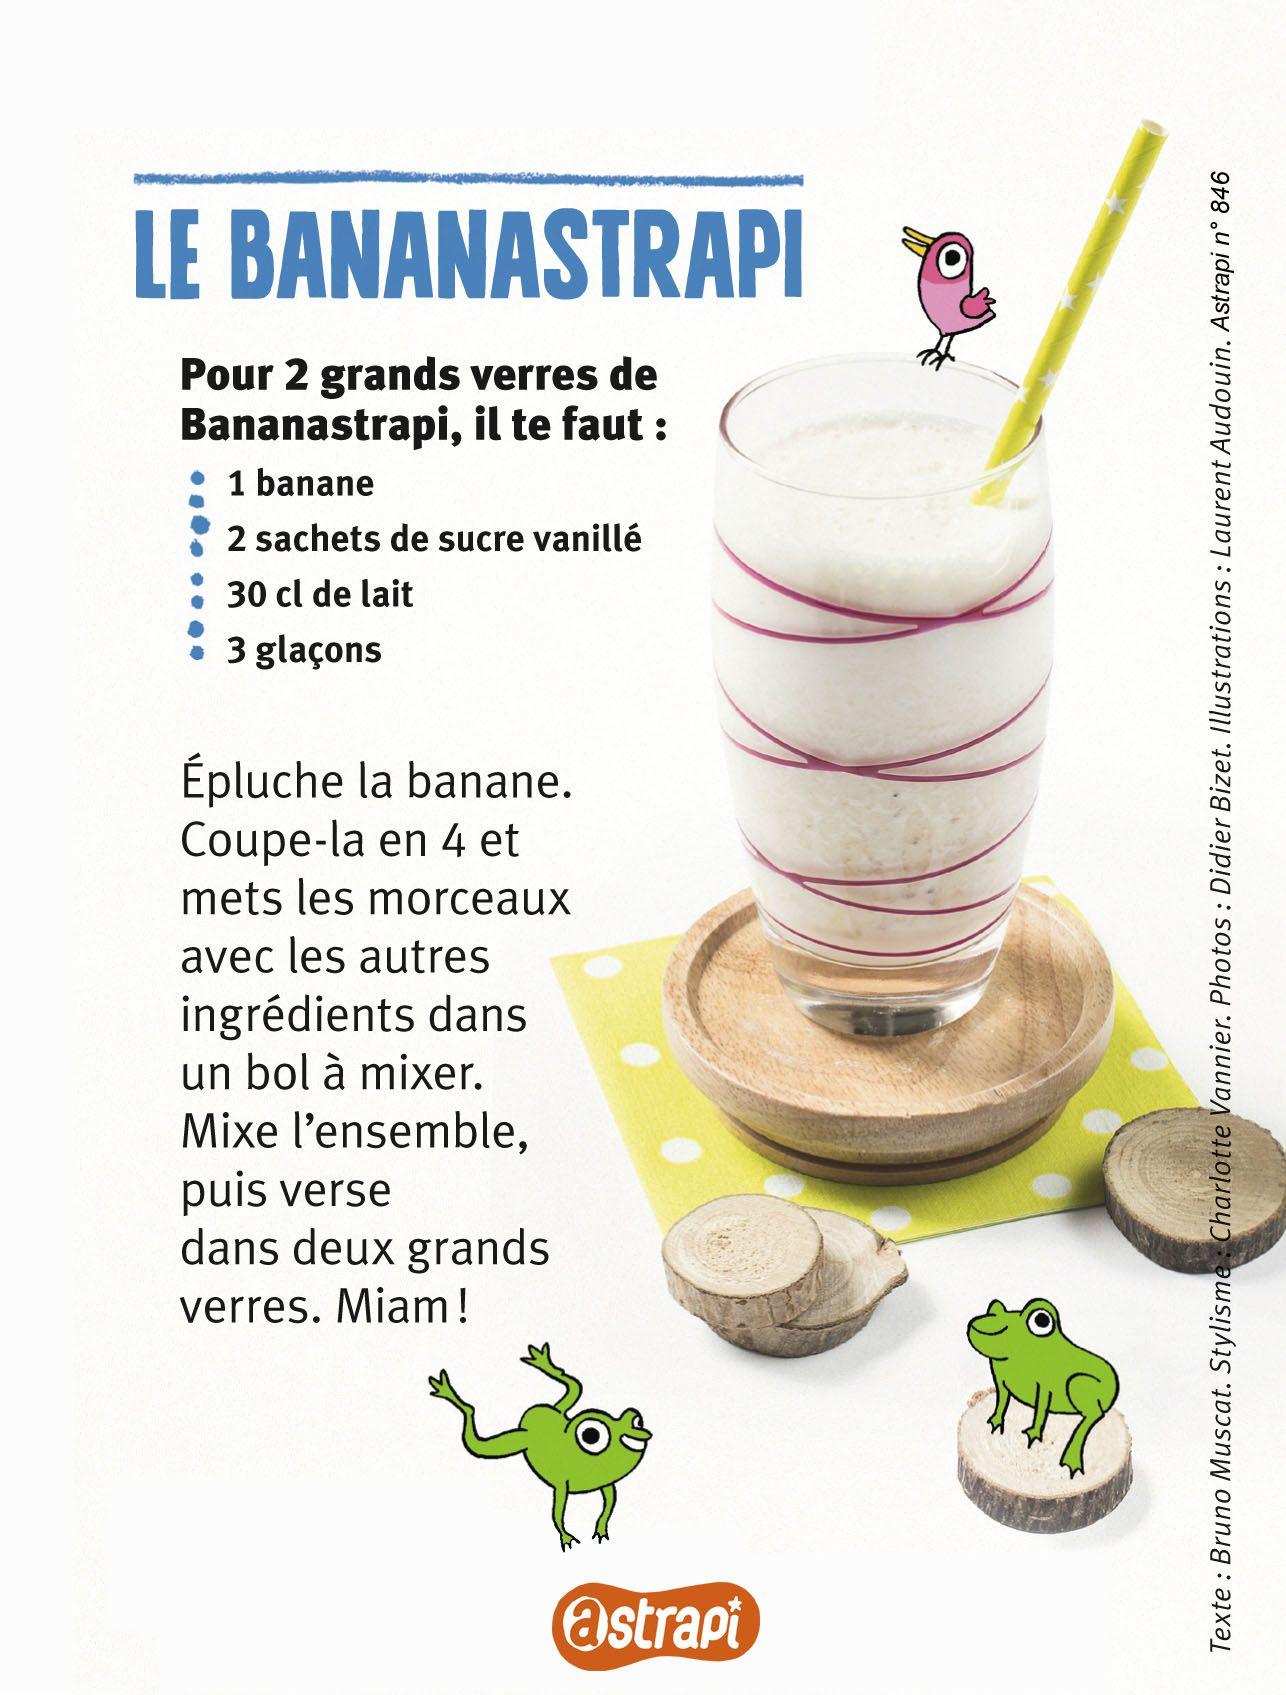 Le Bananastrapi Un Smoothie A La Banane Recette Extraite Du N 846 Du Magazine Astrapi Octobre 2015 P Smoothie Recette Recettes De Boissons Recette Gouter